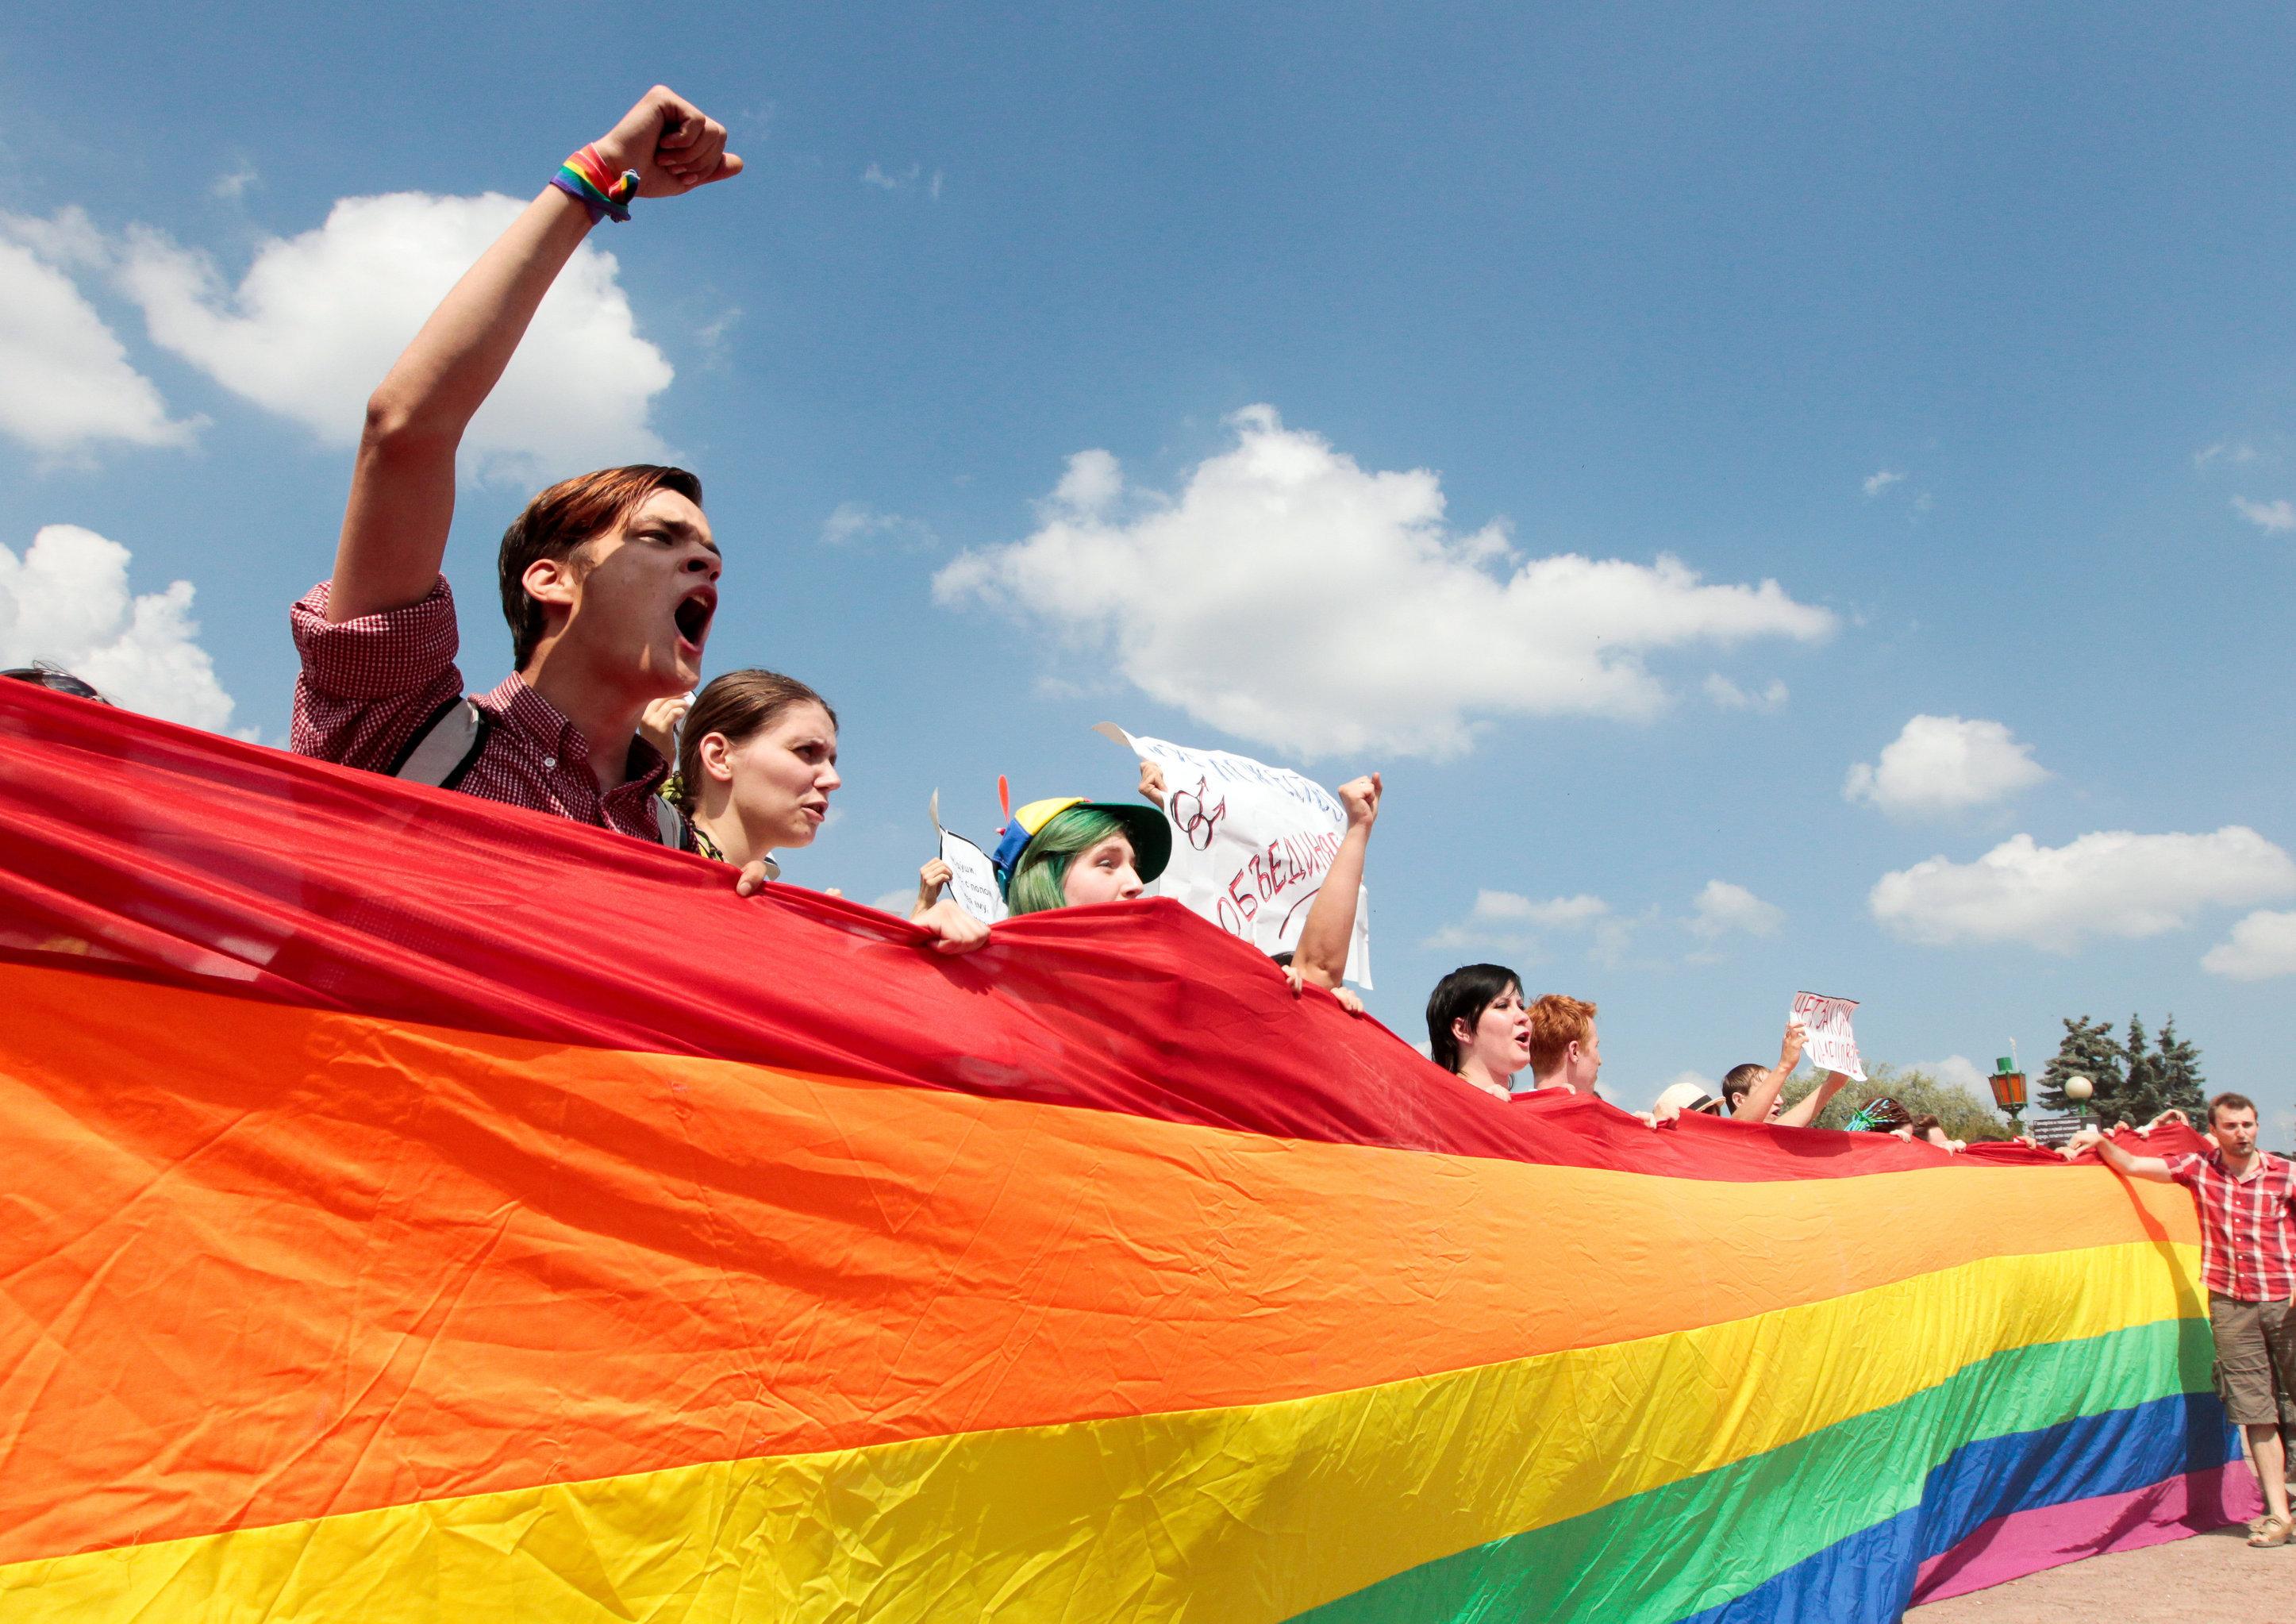 Si bien es cierto que el tema de la homosexualidad aún causa mucha controversia en la sociedad rusa, la legislación vigente del país no prohíbe las relaciones LGBT y sí establece penas de hasta 8 años de prisión por los casos probados de torturas u otro tipo de violencia discriminatoria. En la foto: miembros de la comunidad LGBT rusa durante una marcha de protesta n San Petersburgo.